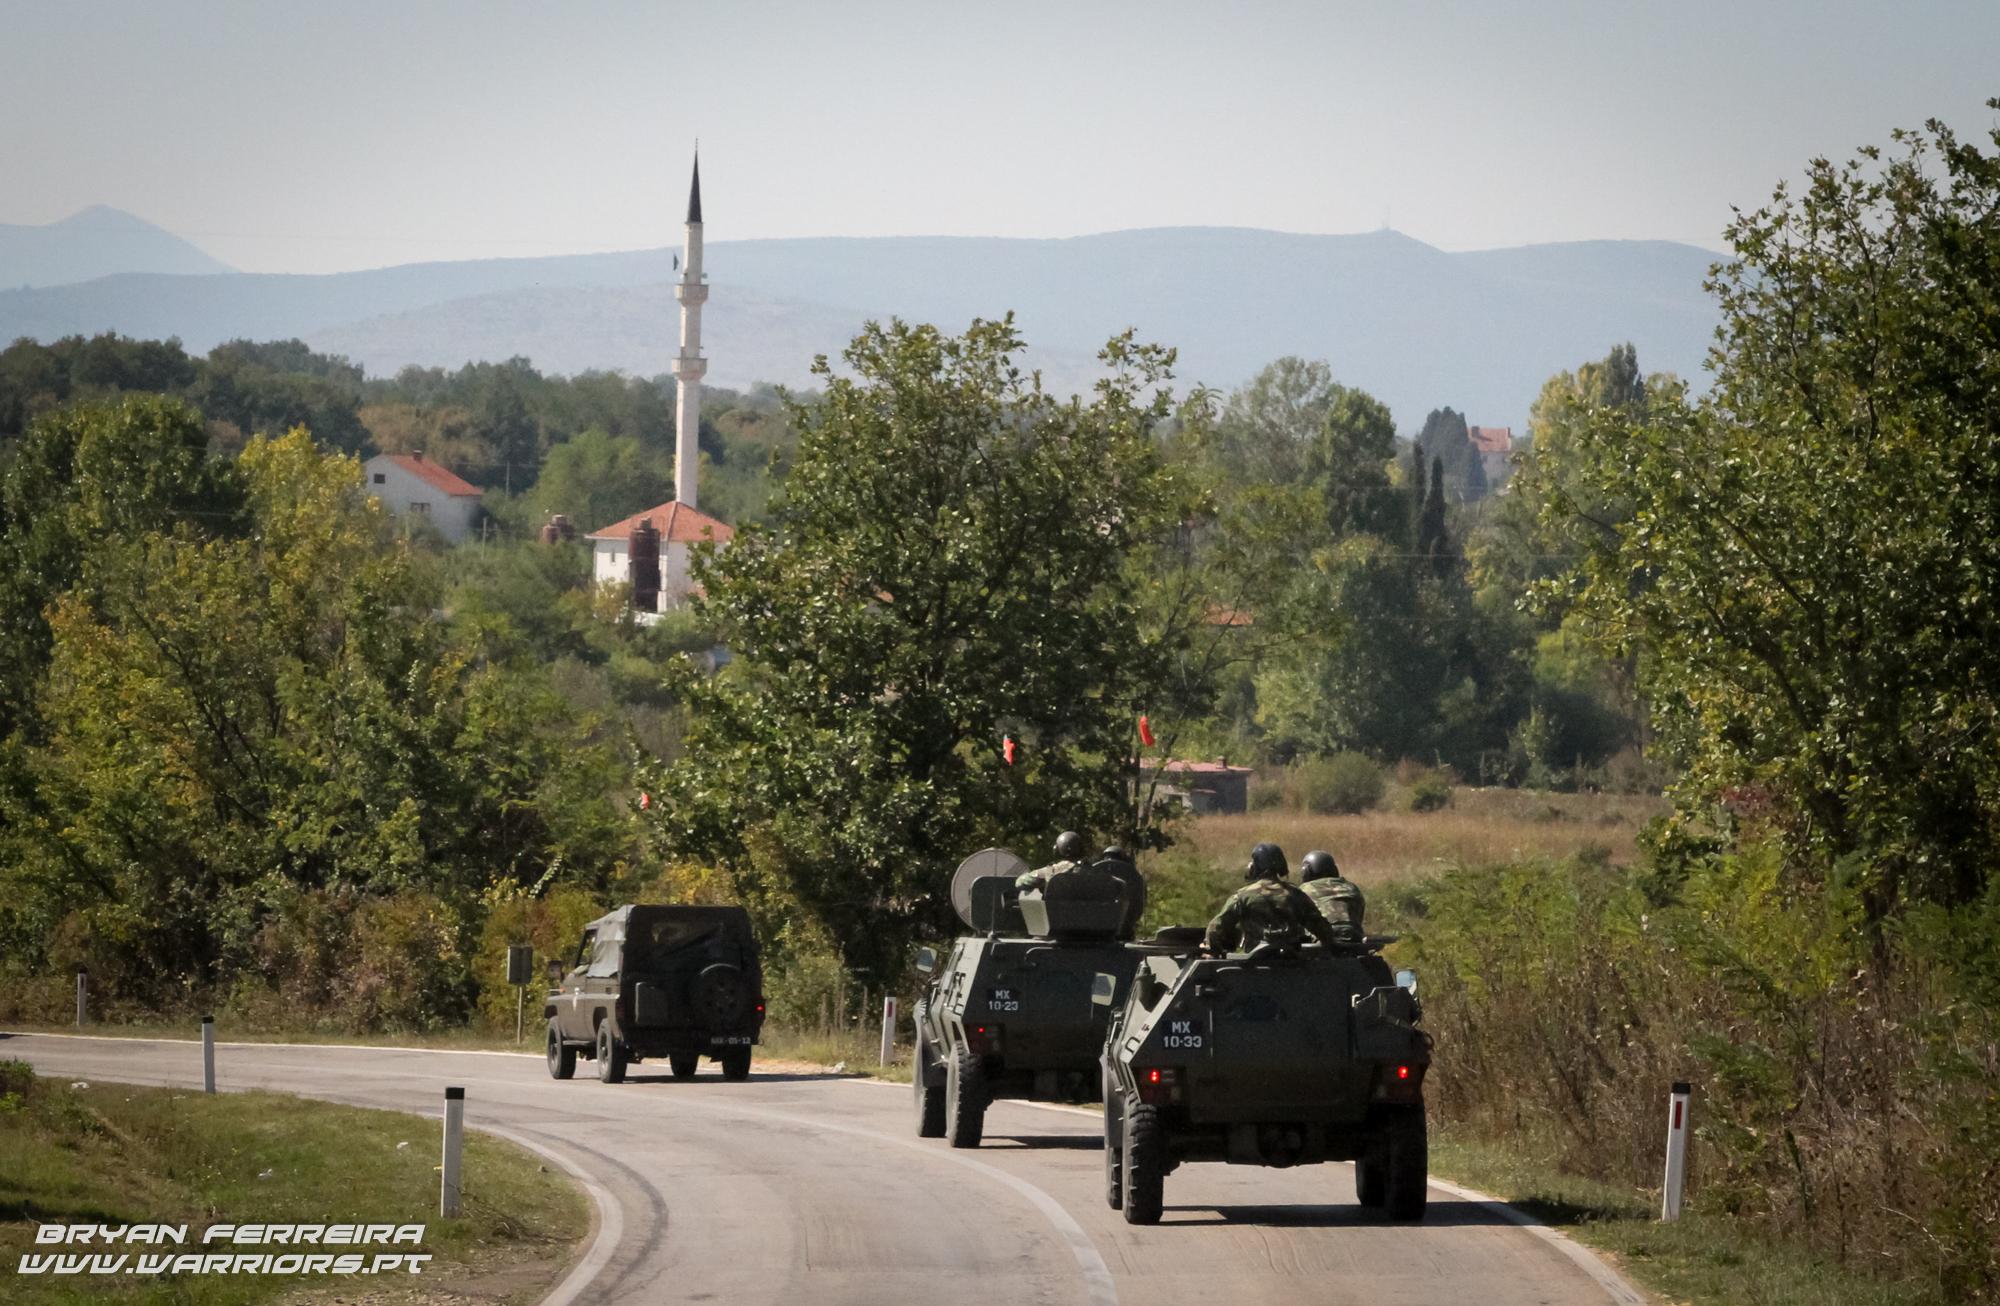 Uma coluna de viaturas da KTM (Kosovo Tactical Manouver Battalion), comandada pelo 2º Batalhão de Paraquedistas Português, atravessa a Bosnia em direção ao seu objectivo.